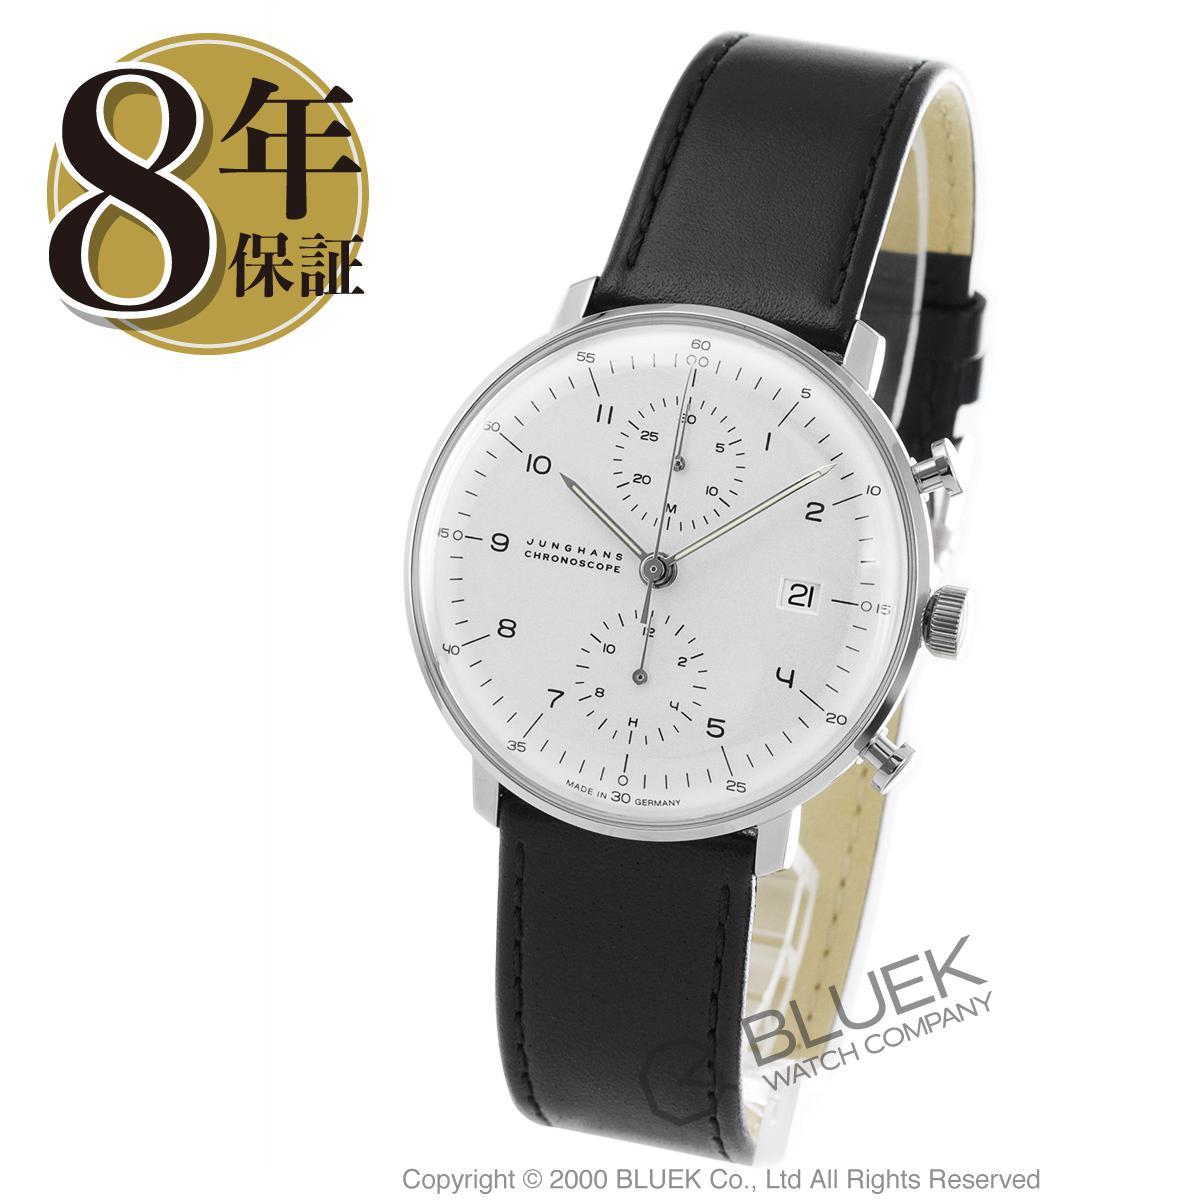 ユンハンス マックスビル クロノスコープ クロノグラフ 腕時計 メンズ JUNGHANS 027/4800.00_8 バーゲン 成人祝い ギフト プレゼント